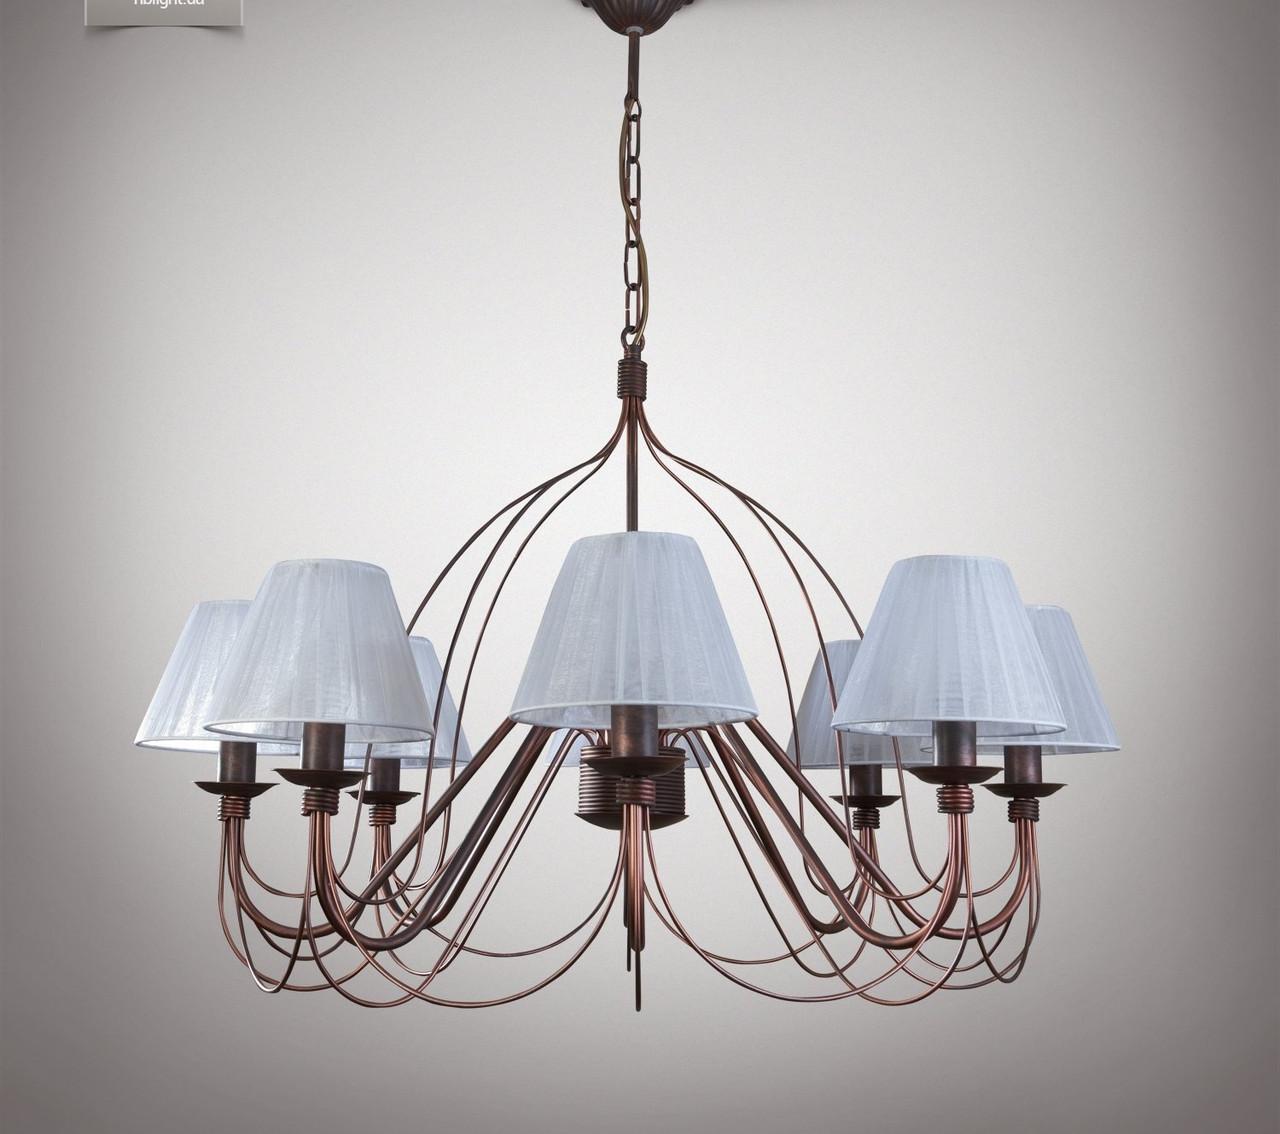 Люстра 8 ламповая для гостиной, зала, большой комнаты 18388-2